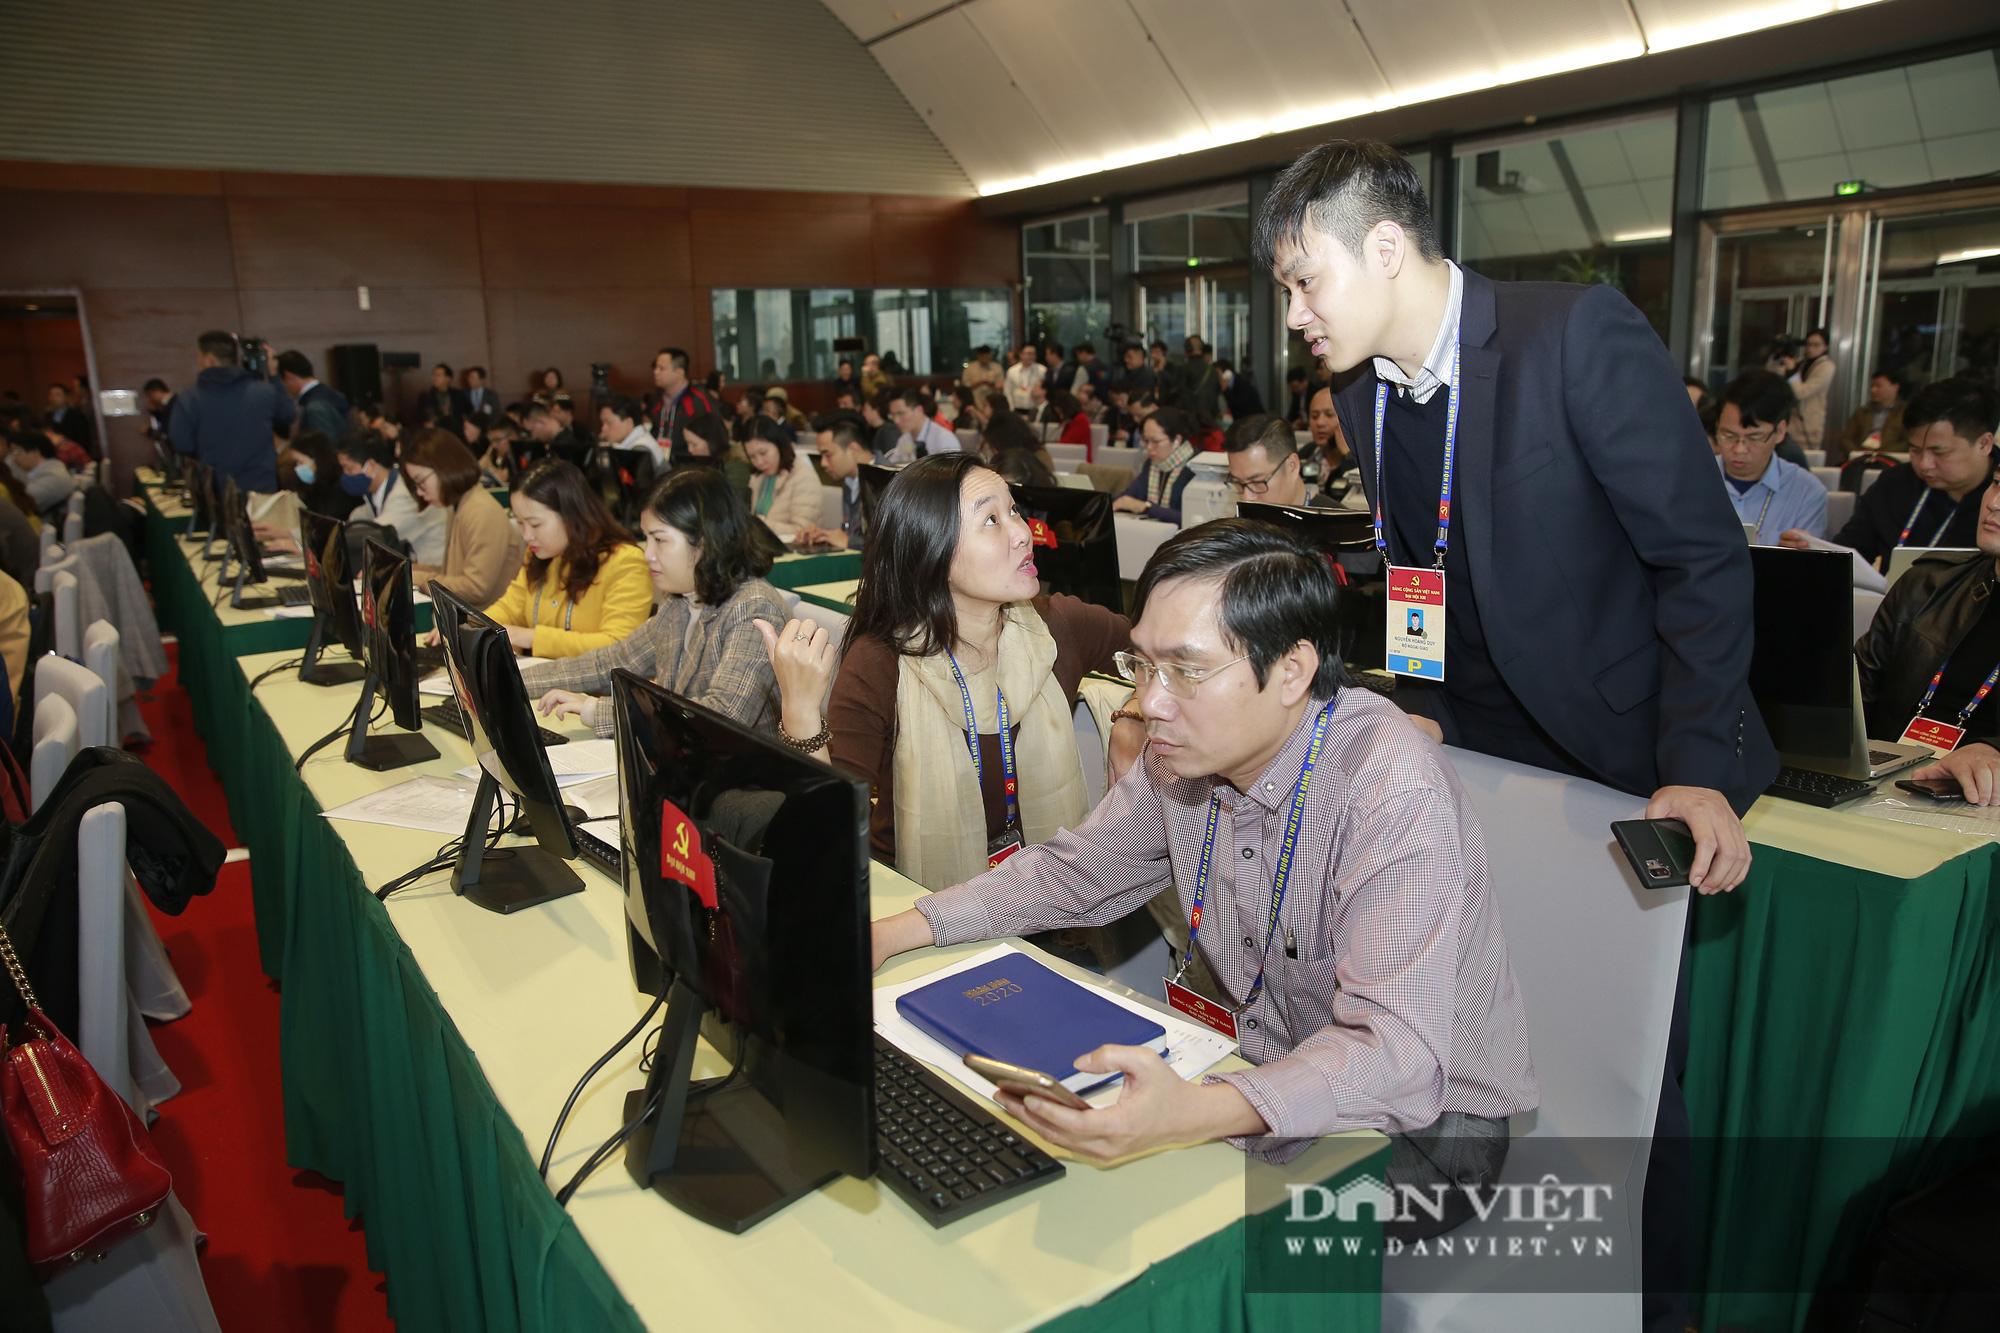 Khai trương trung tâm báo chí phục vụ Đại hội XIII của Đảng - Ảnh 3.